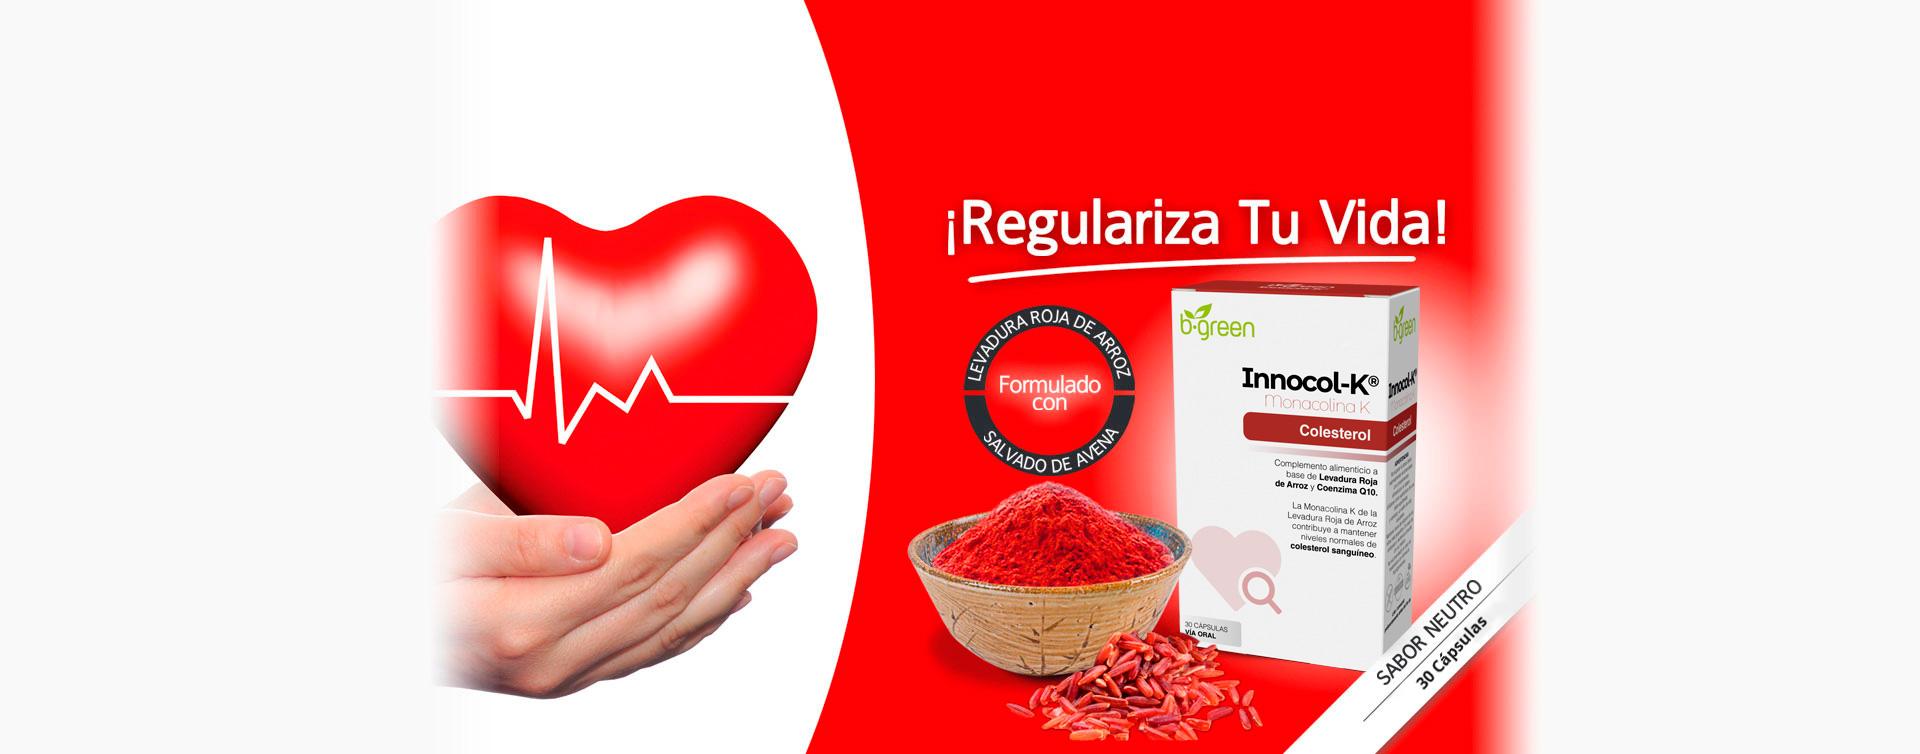 productos de nutrición y dietética, herbolario y herbodietética